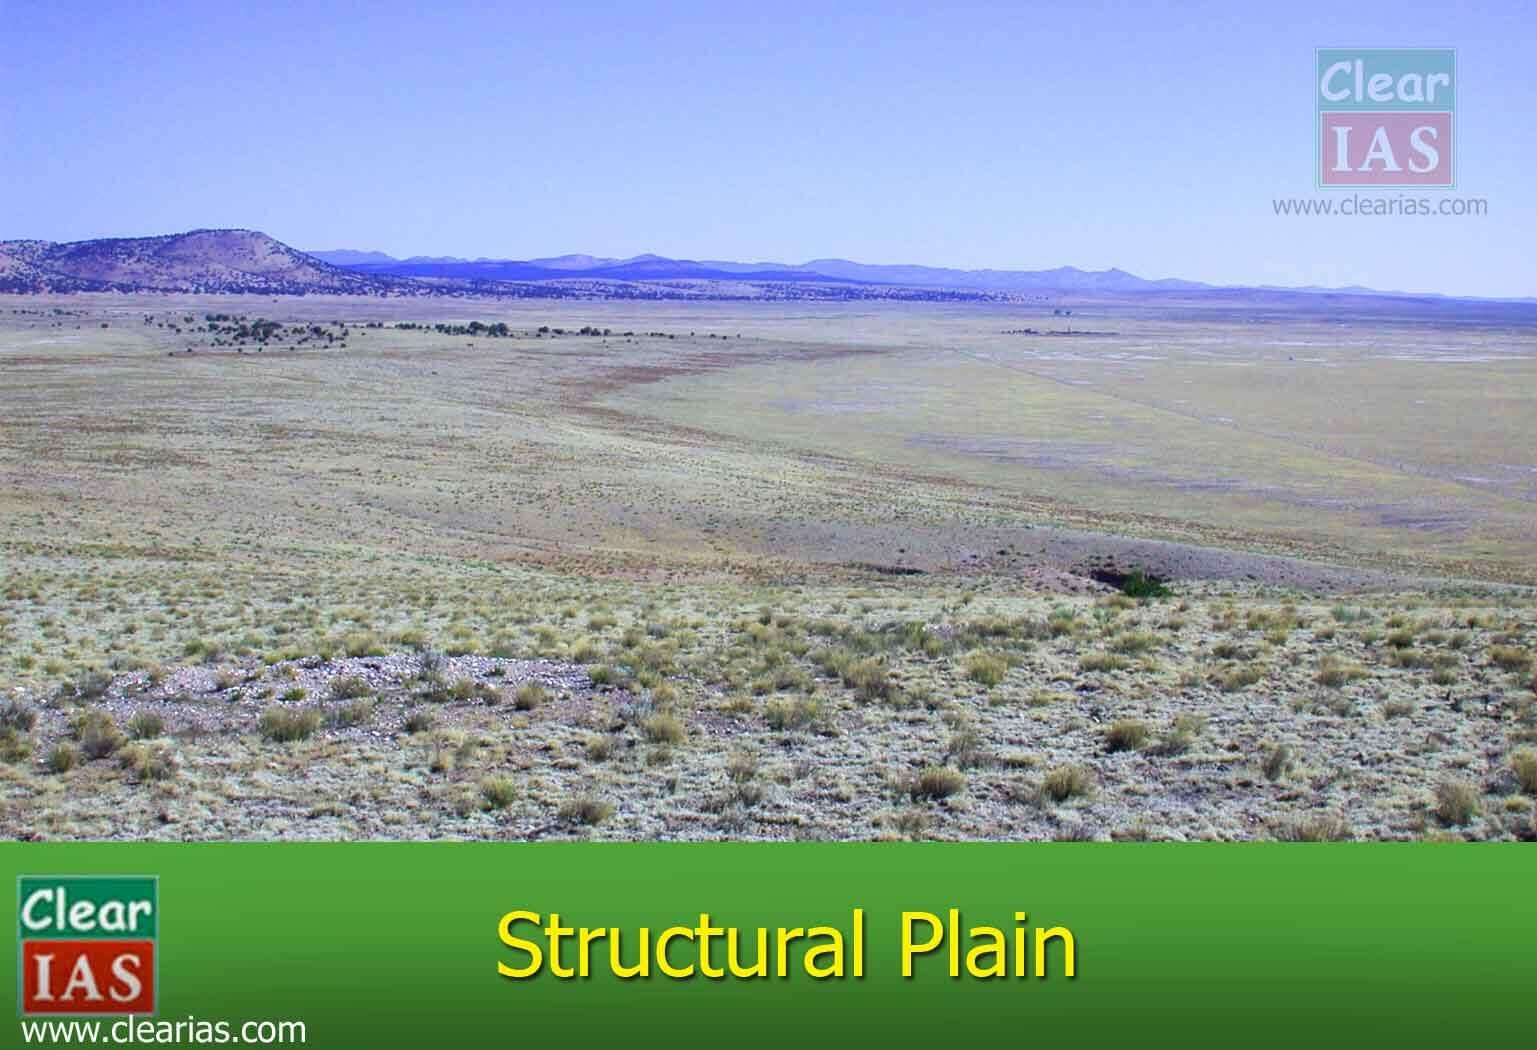 Structural Plain